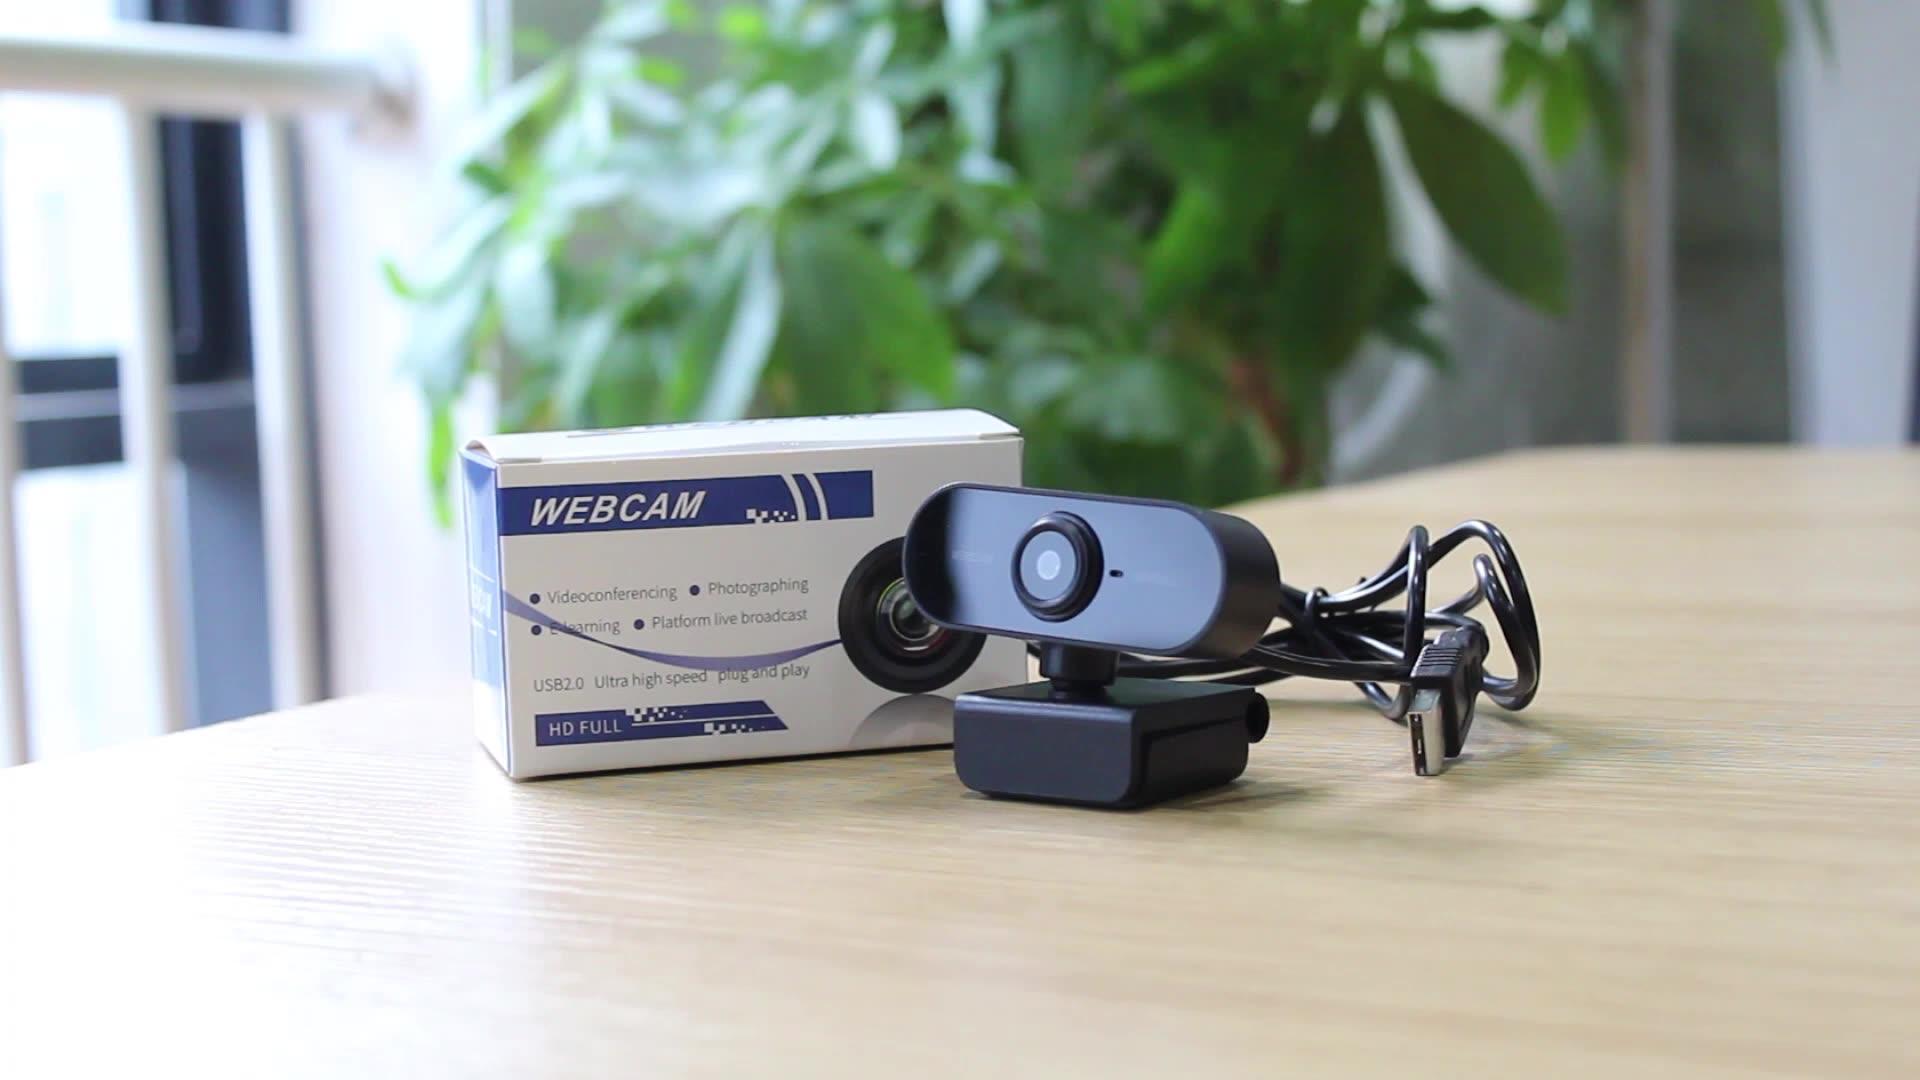 Универсальная веб-камера с бесплатным драйвером USB HD веб-камера 1080p веб-камеры для ПК ноутбука встроенный микрофон